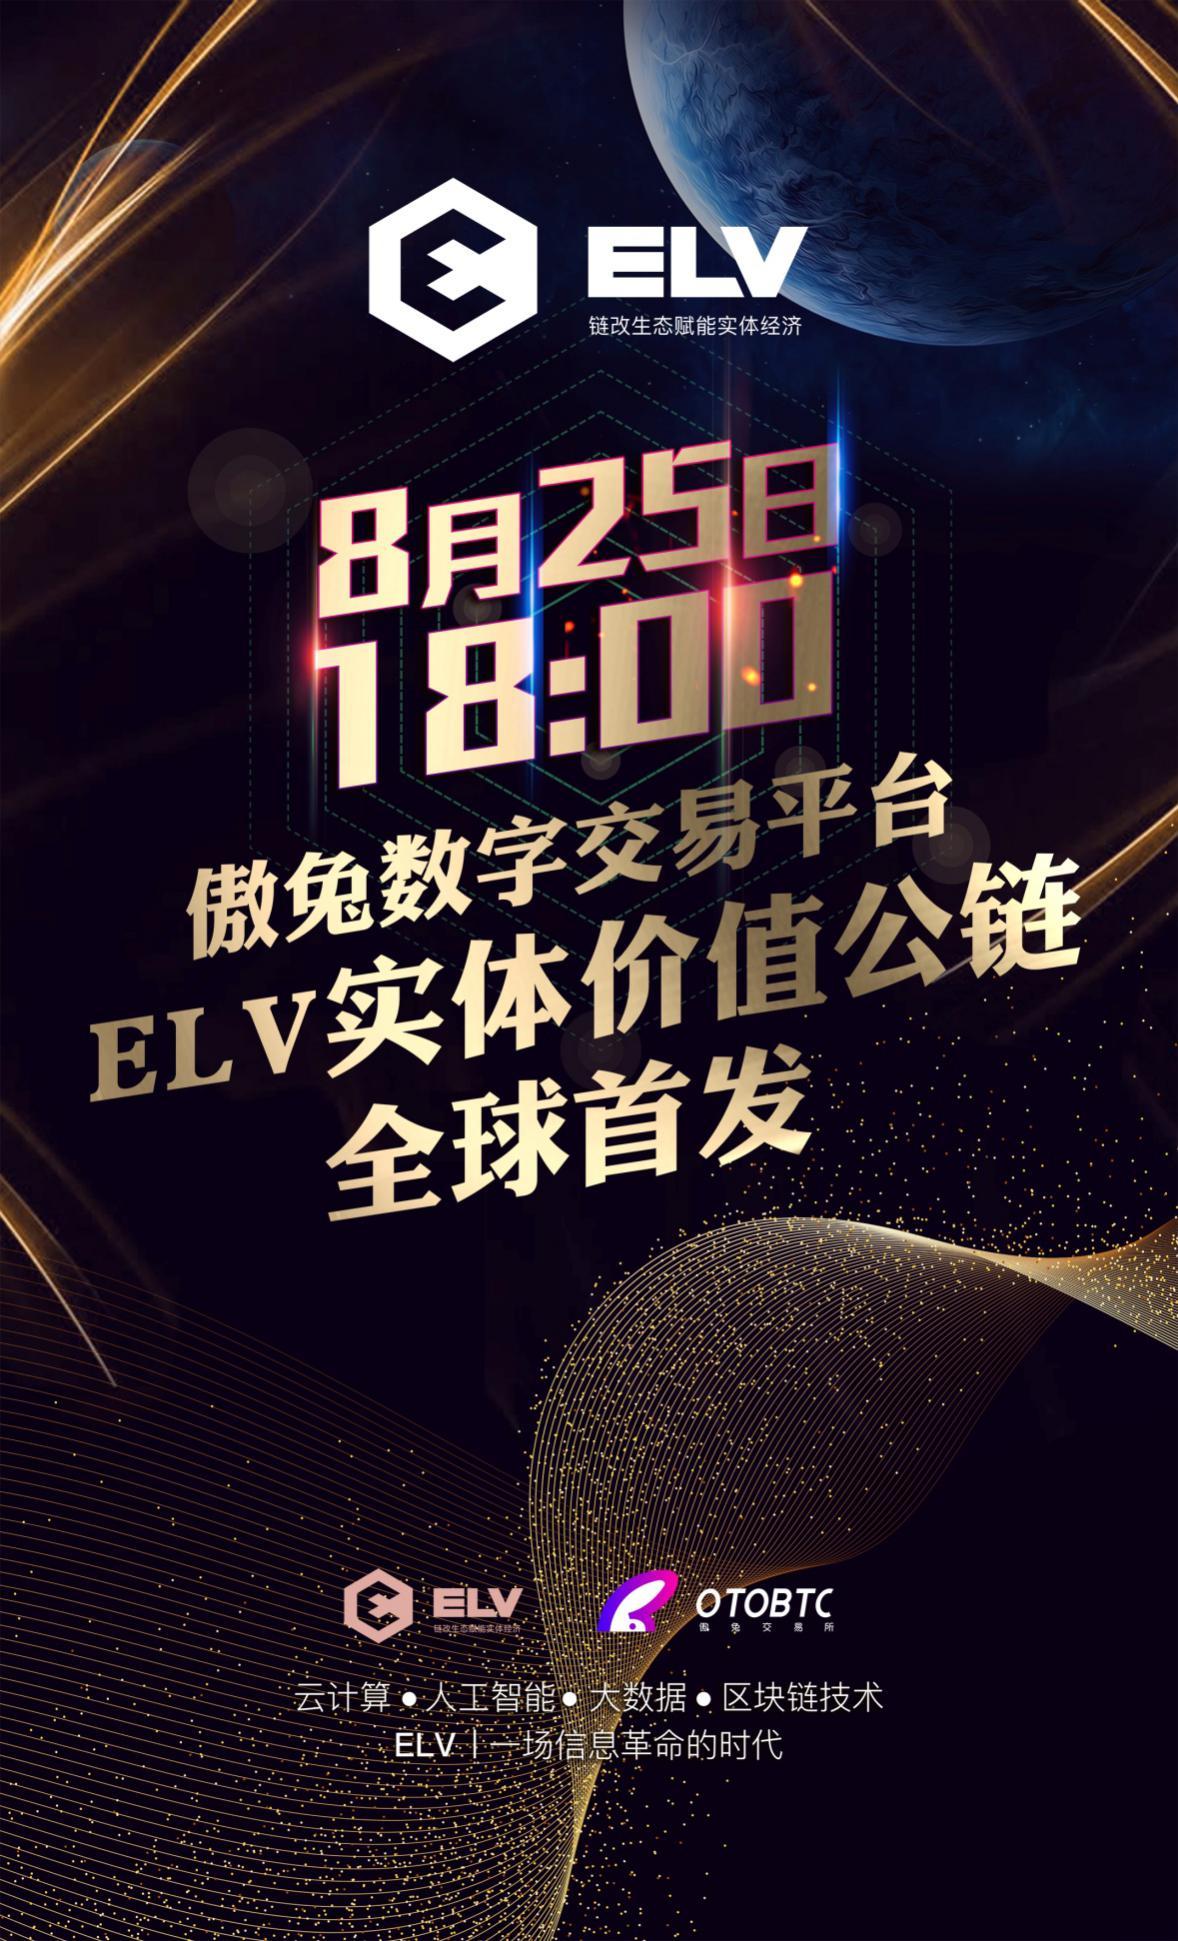 实体价值公链——ELV 8.25号傲兔交易所全球首发